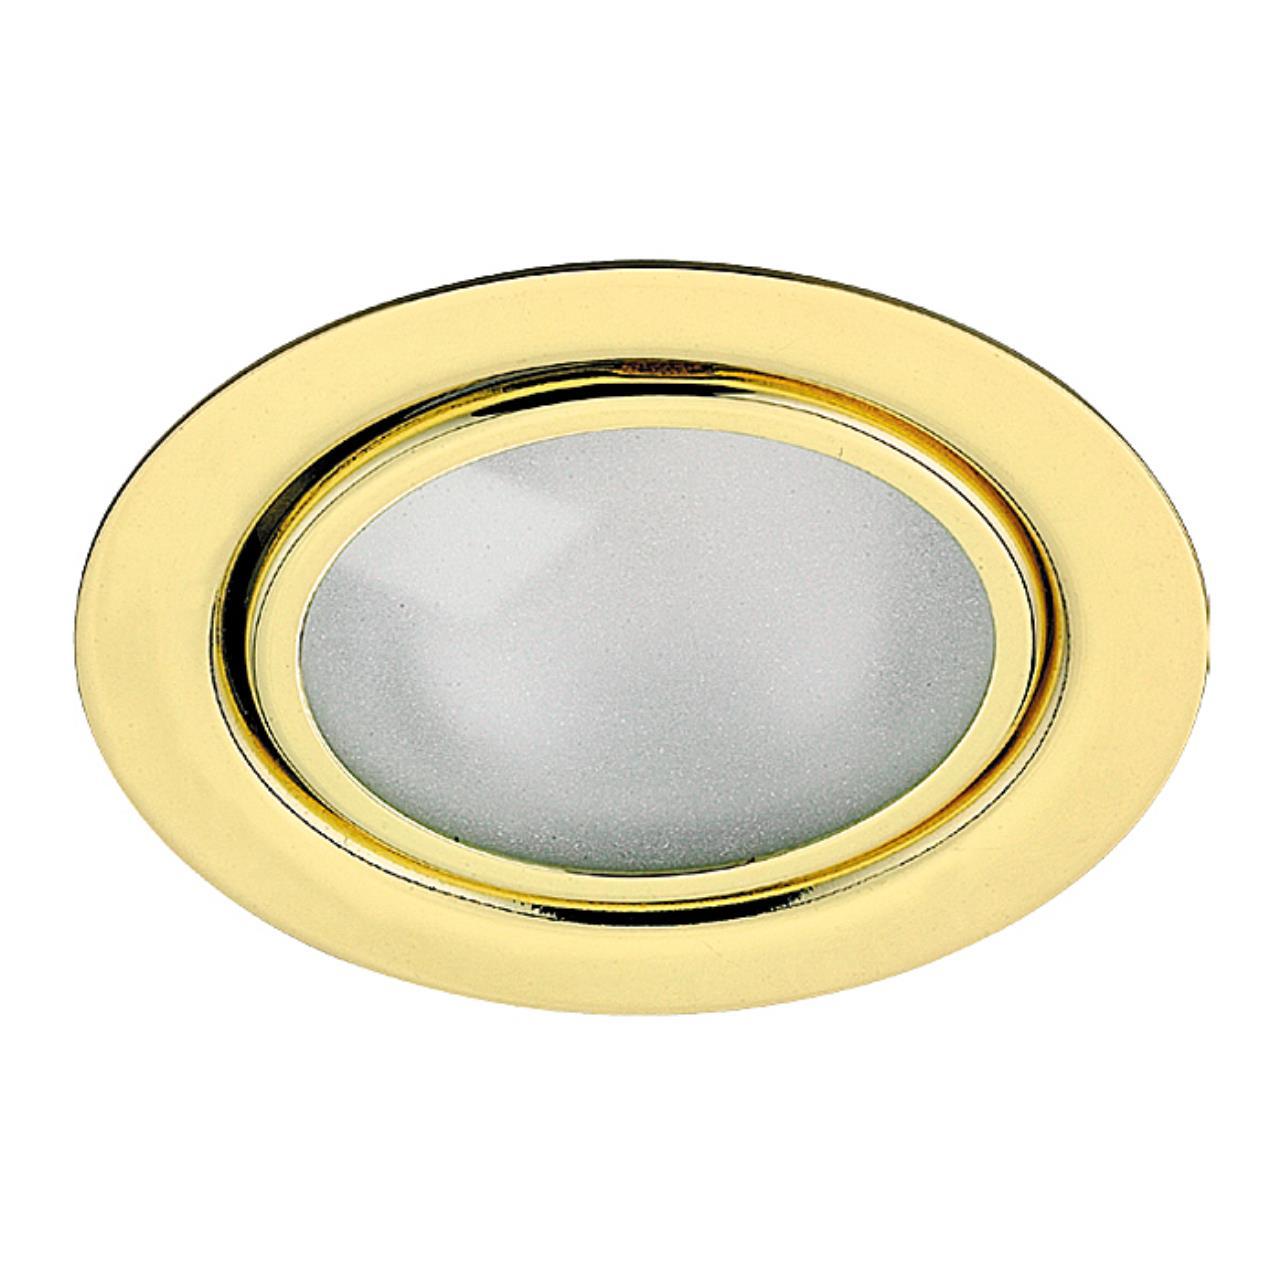 369121 SPOT NT09 134 золото Встраиваемый НП светильник G4 20W 12V FLAT